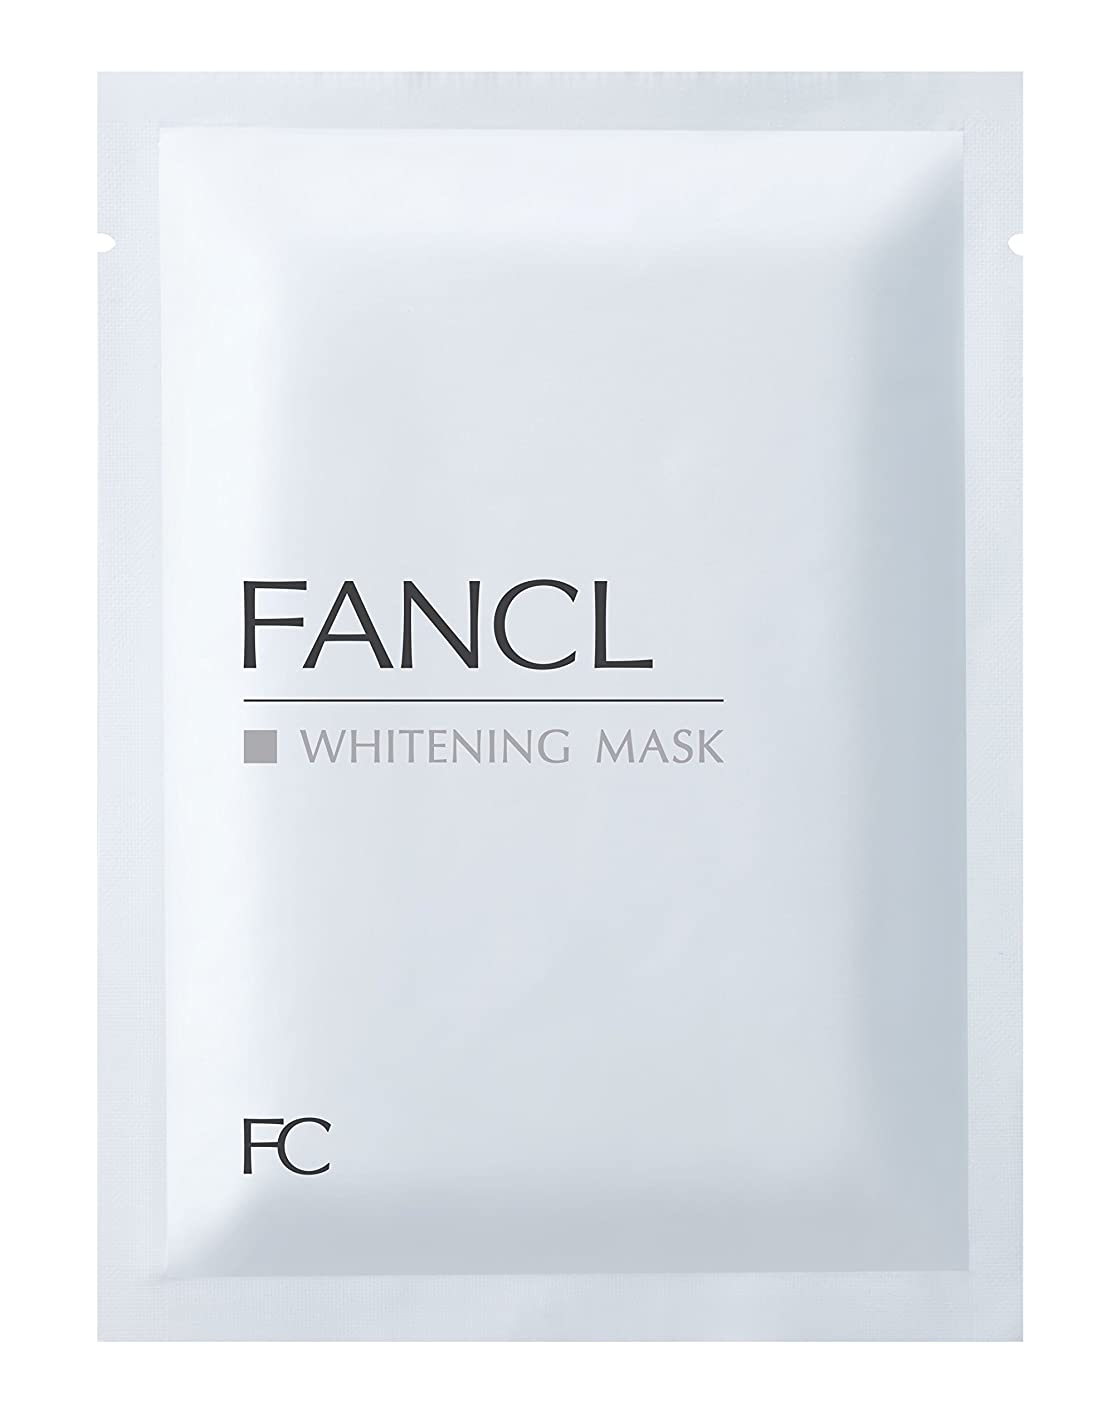 仕方キャプテン逃す(旧)ファンケル(FANCL) ホワイトニング マスク<医薬部外品> 21mL×6枚